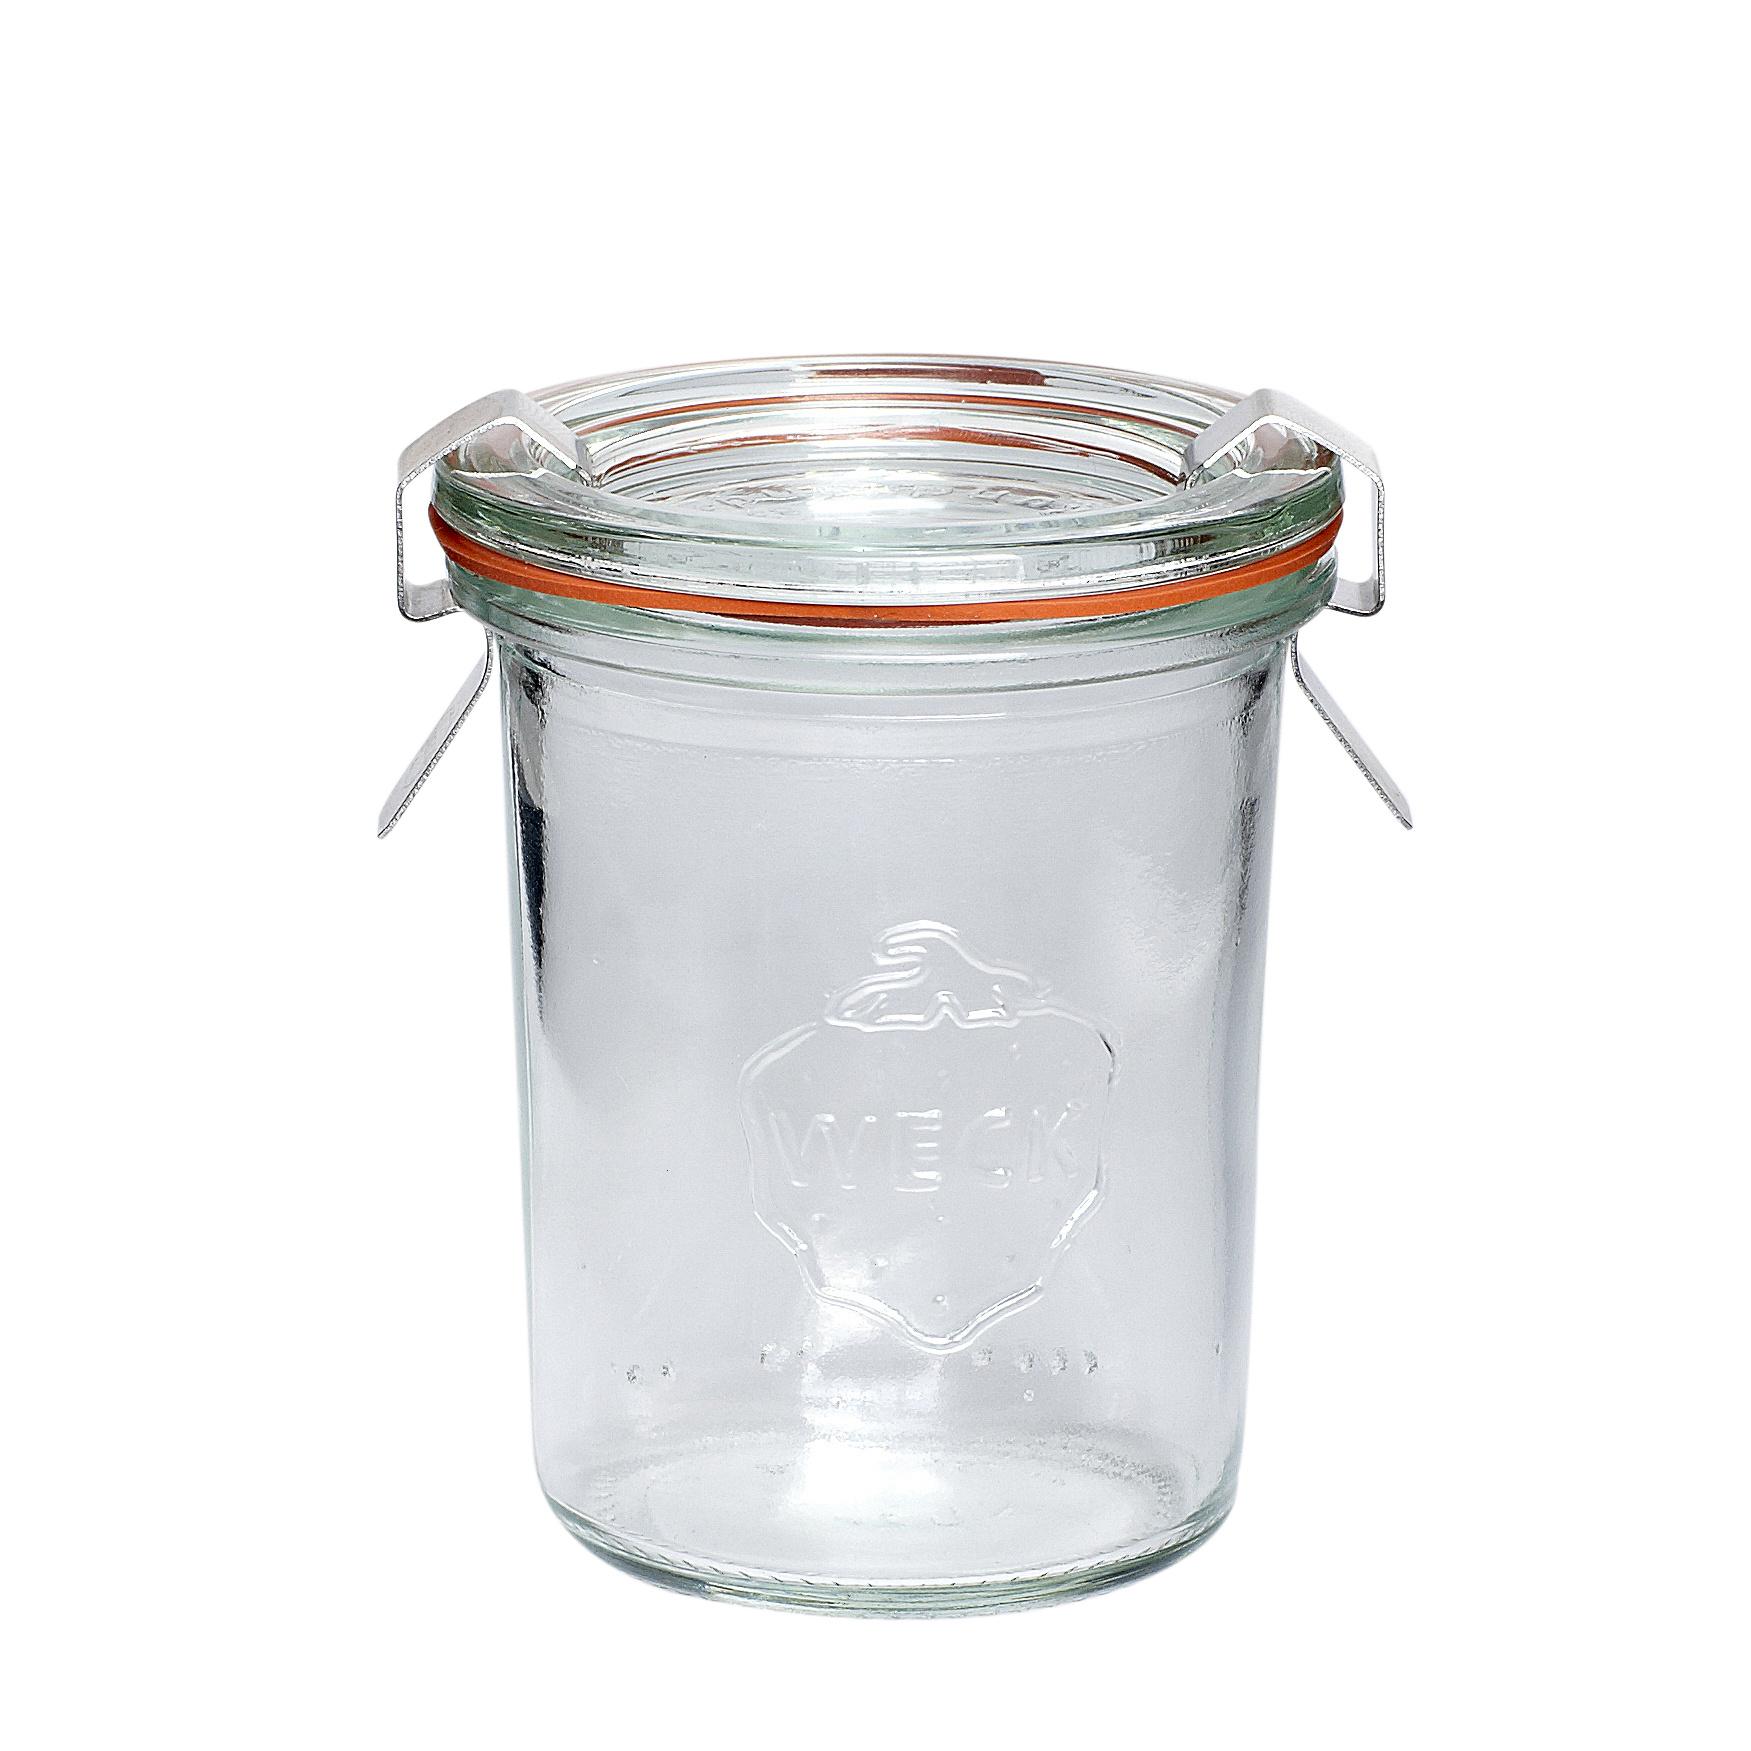 """Hubsch Voorraadpot met deksel, """"Weck"""", glas, 160 ml-185002-5712772069868"""